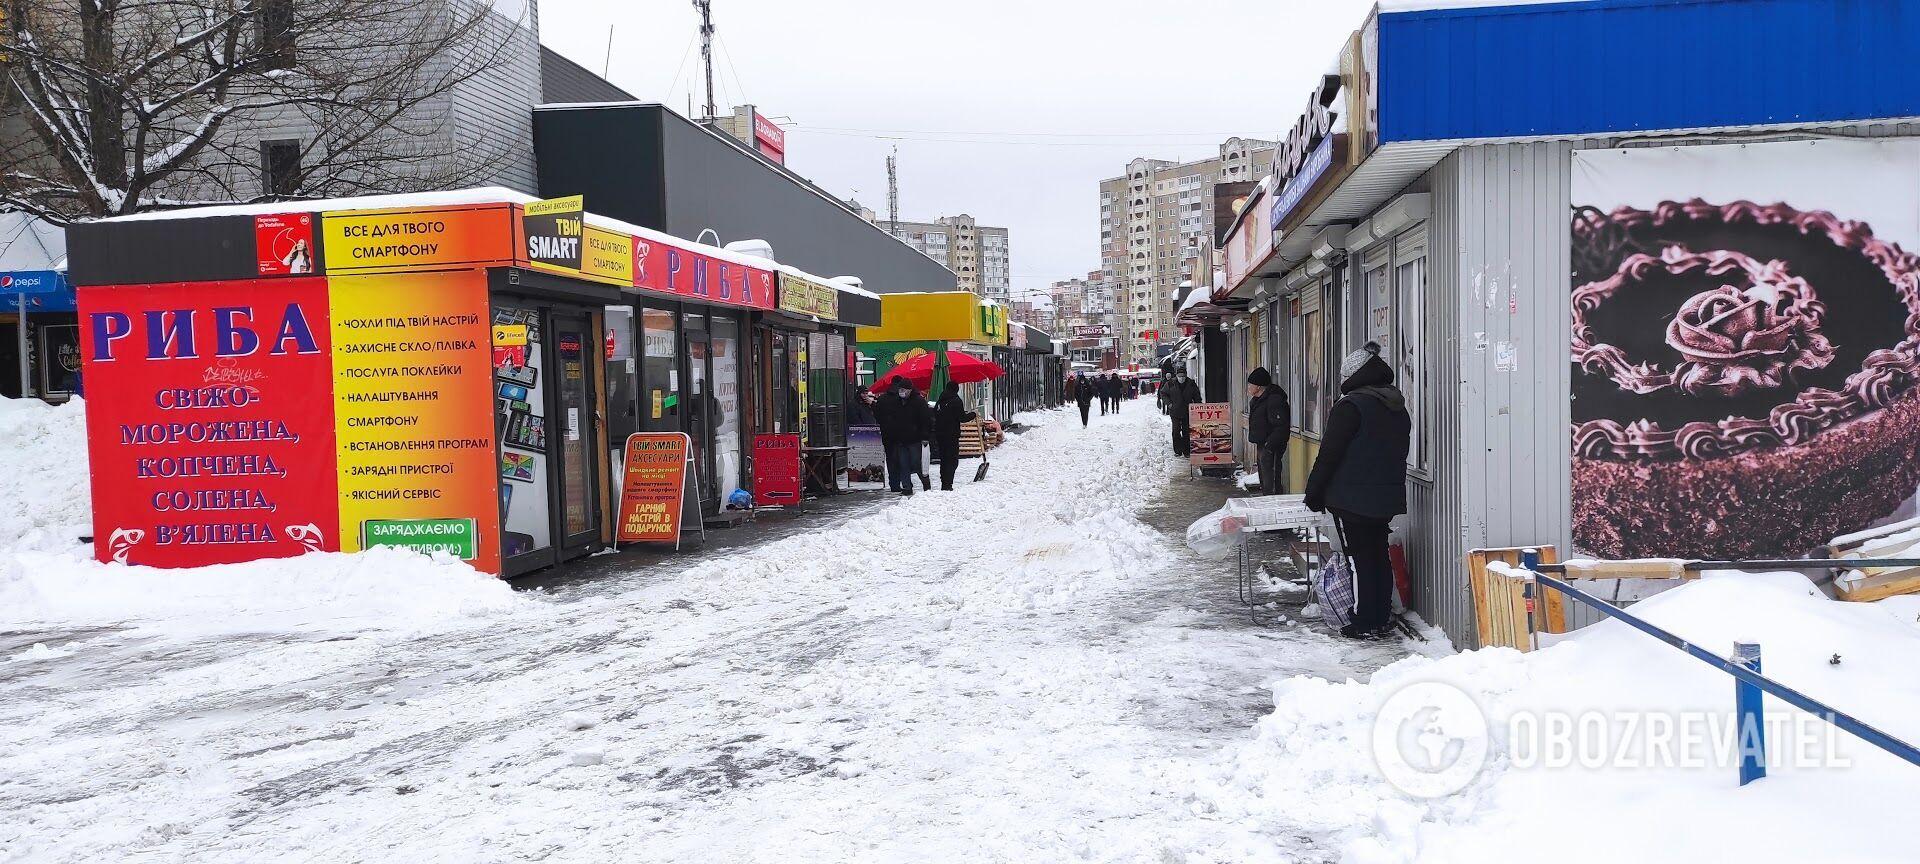 Владельцы МАФов чистят снег только перед входом.